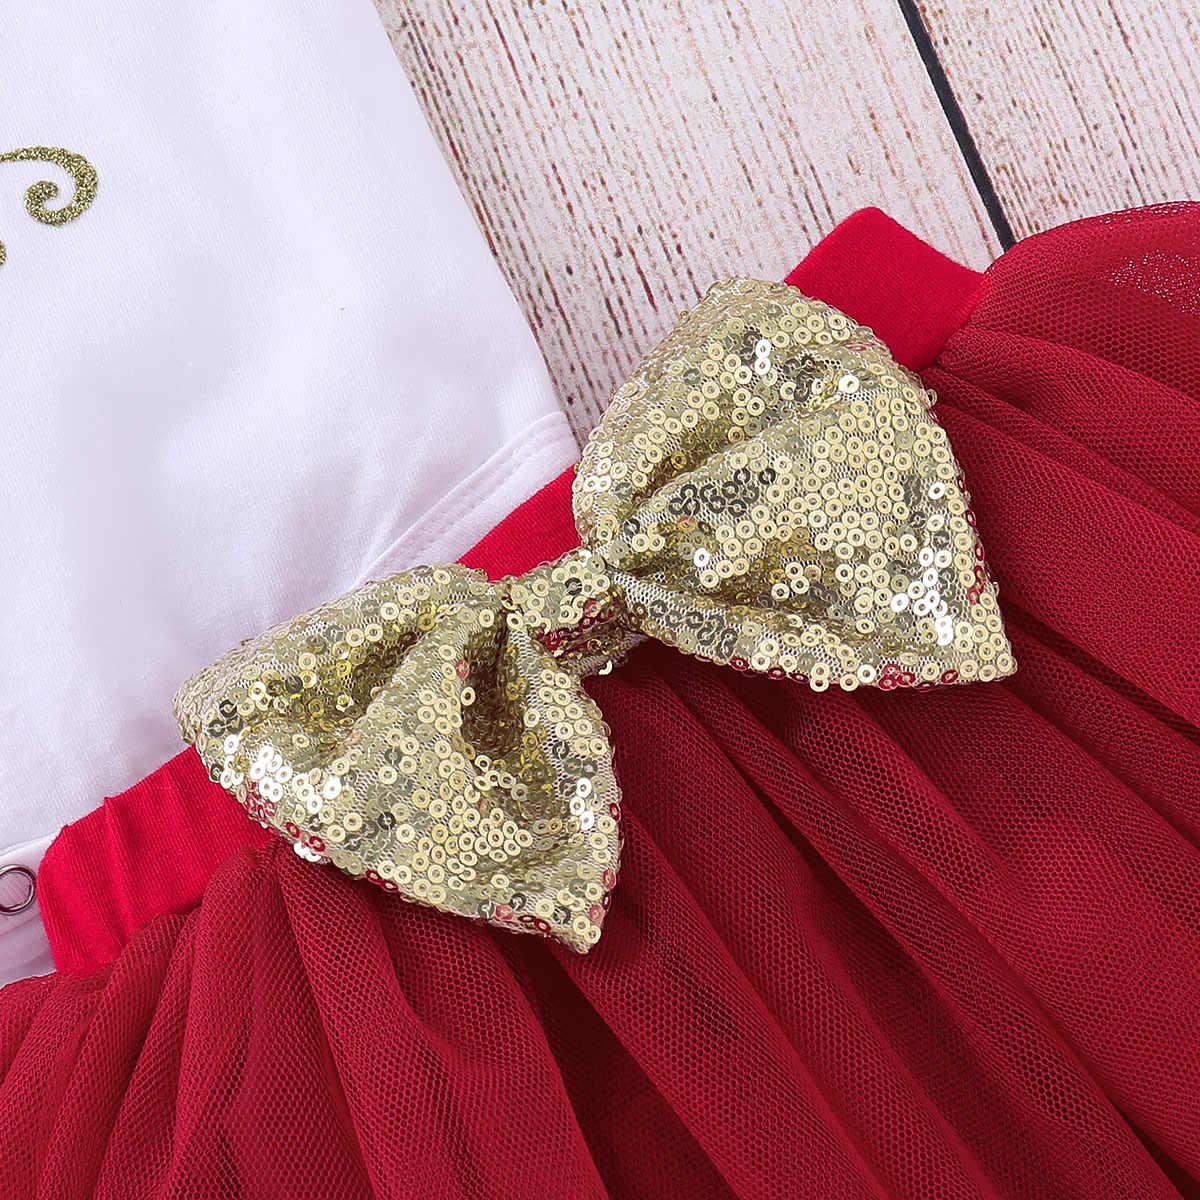 Hot Koop Carters Baby Meisje Outfits Baby Meisje Kleding Leuke Bodysuit + Gelaagdheid Rok + Knie Pads Mijn Eerste Kerst meisje Kleding D40